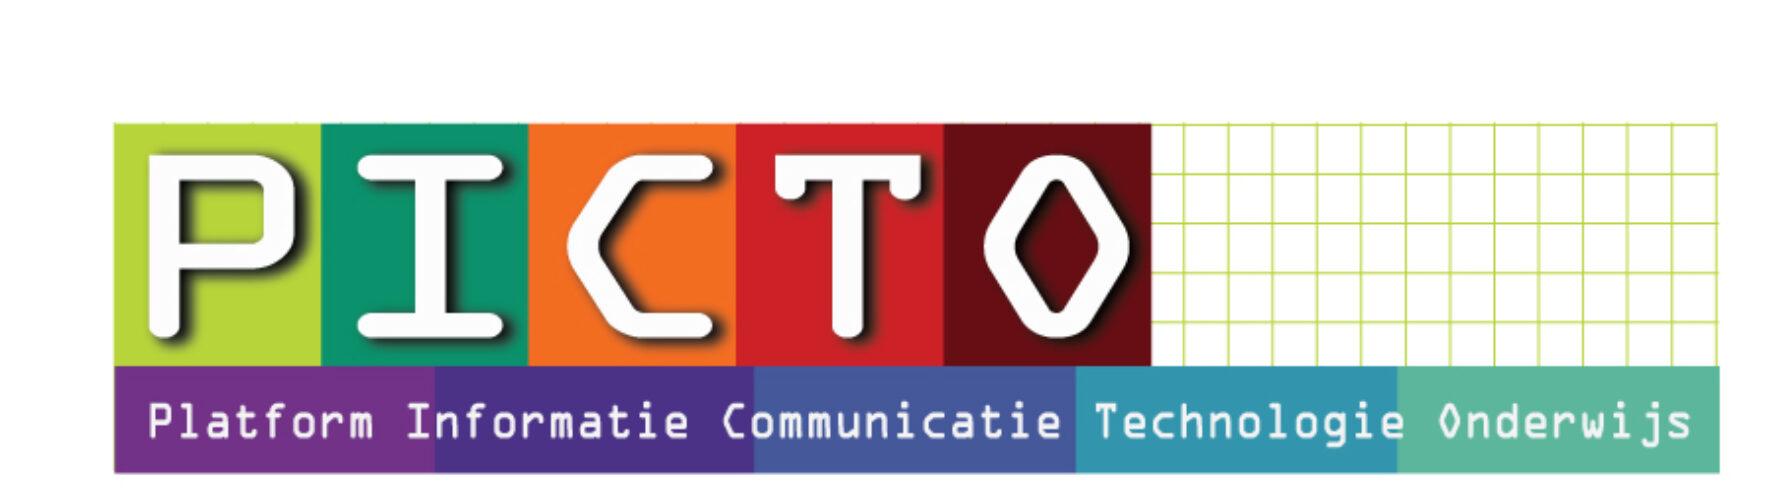 nieuw-logo-PICTO